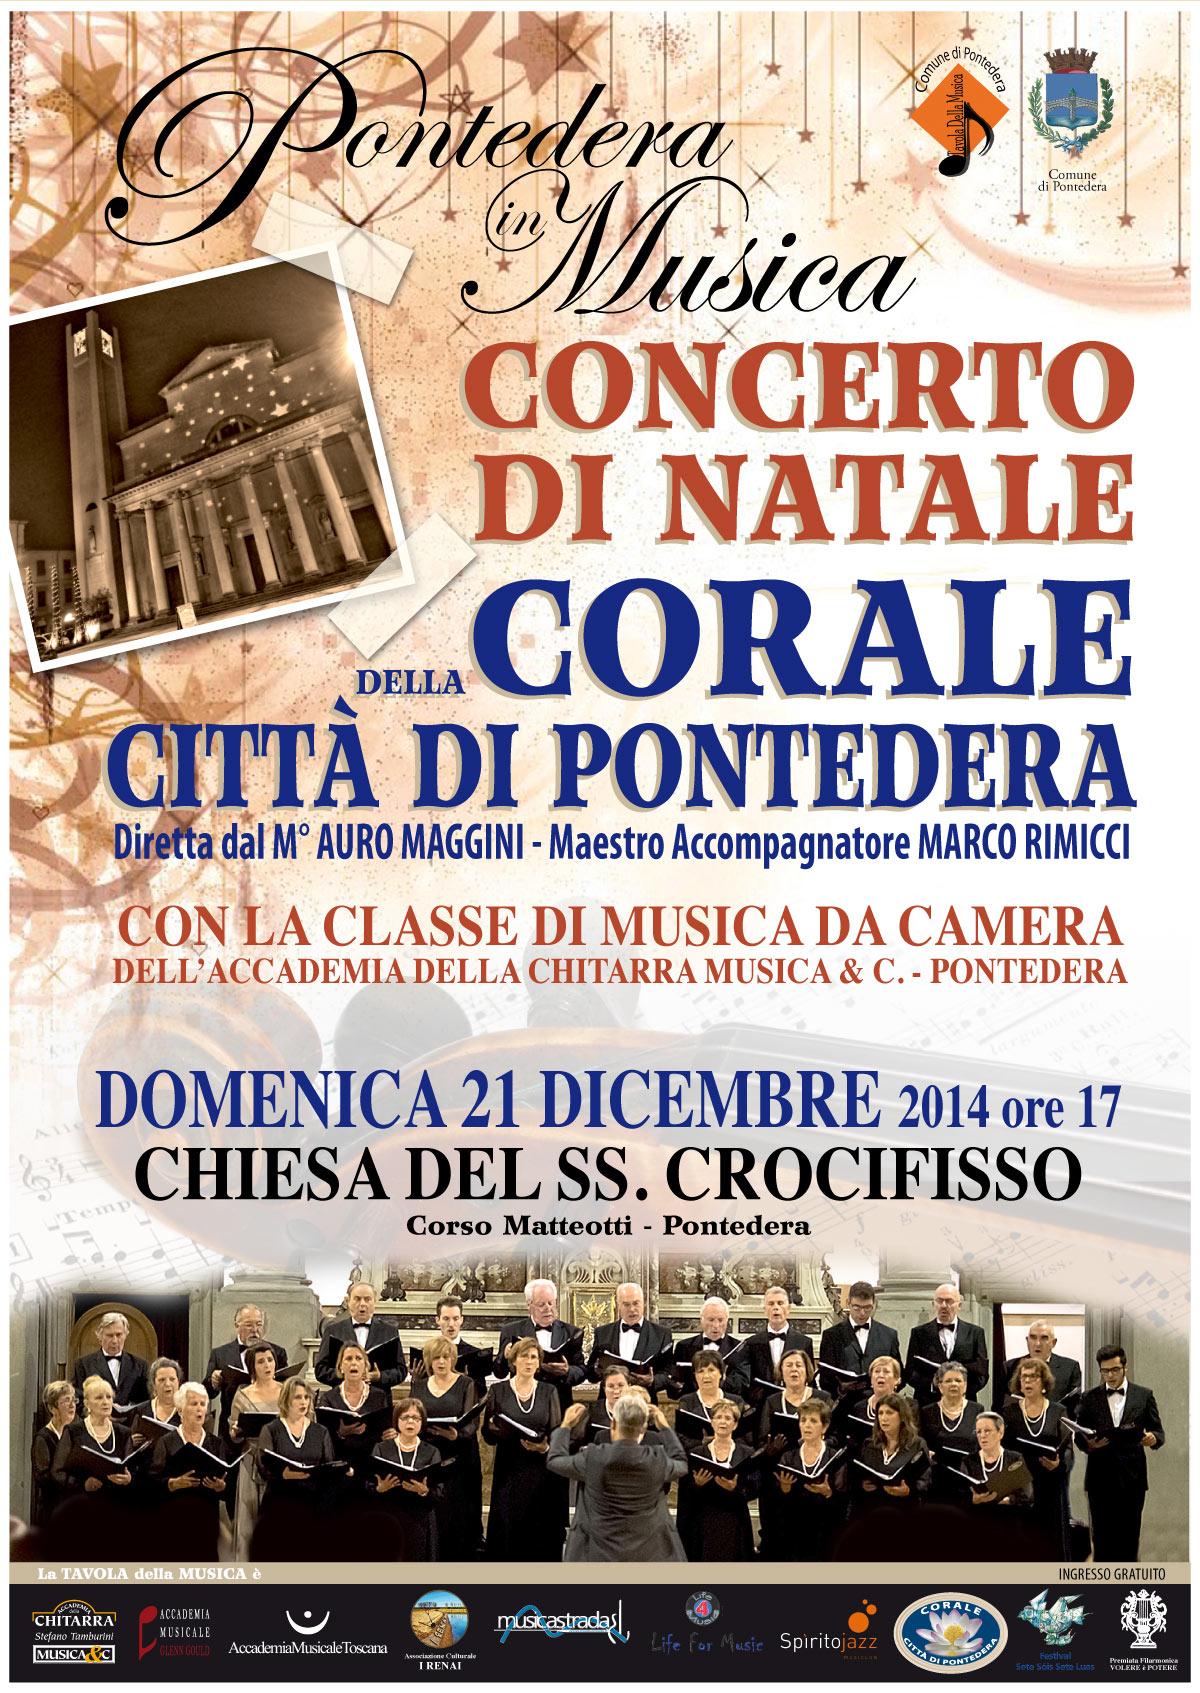 Pontedera-in-Musica